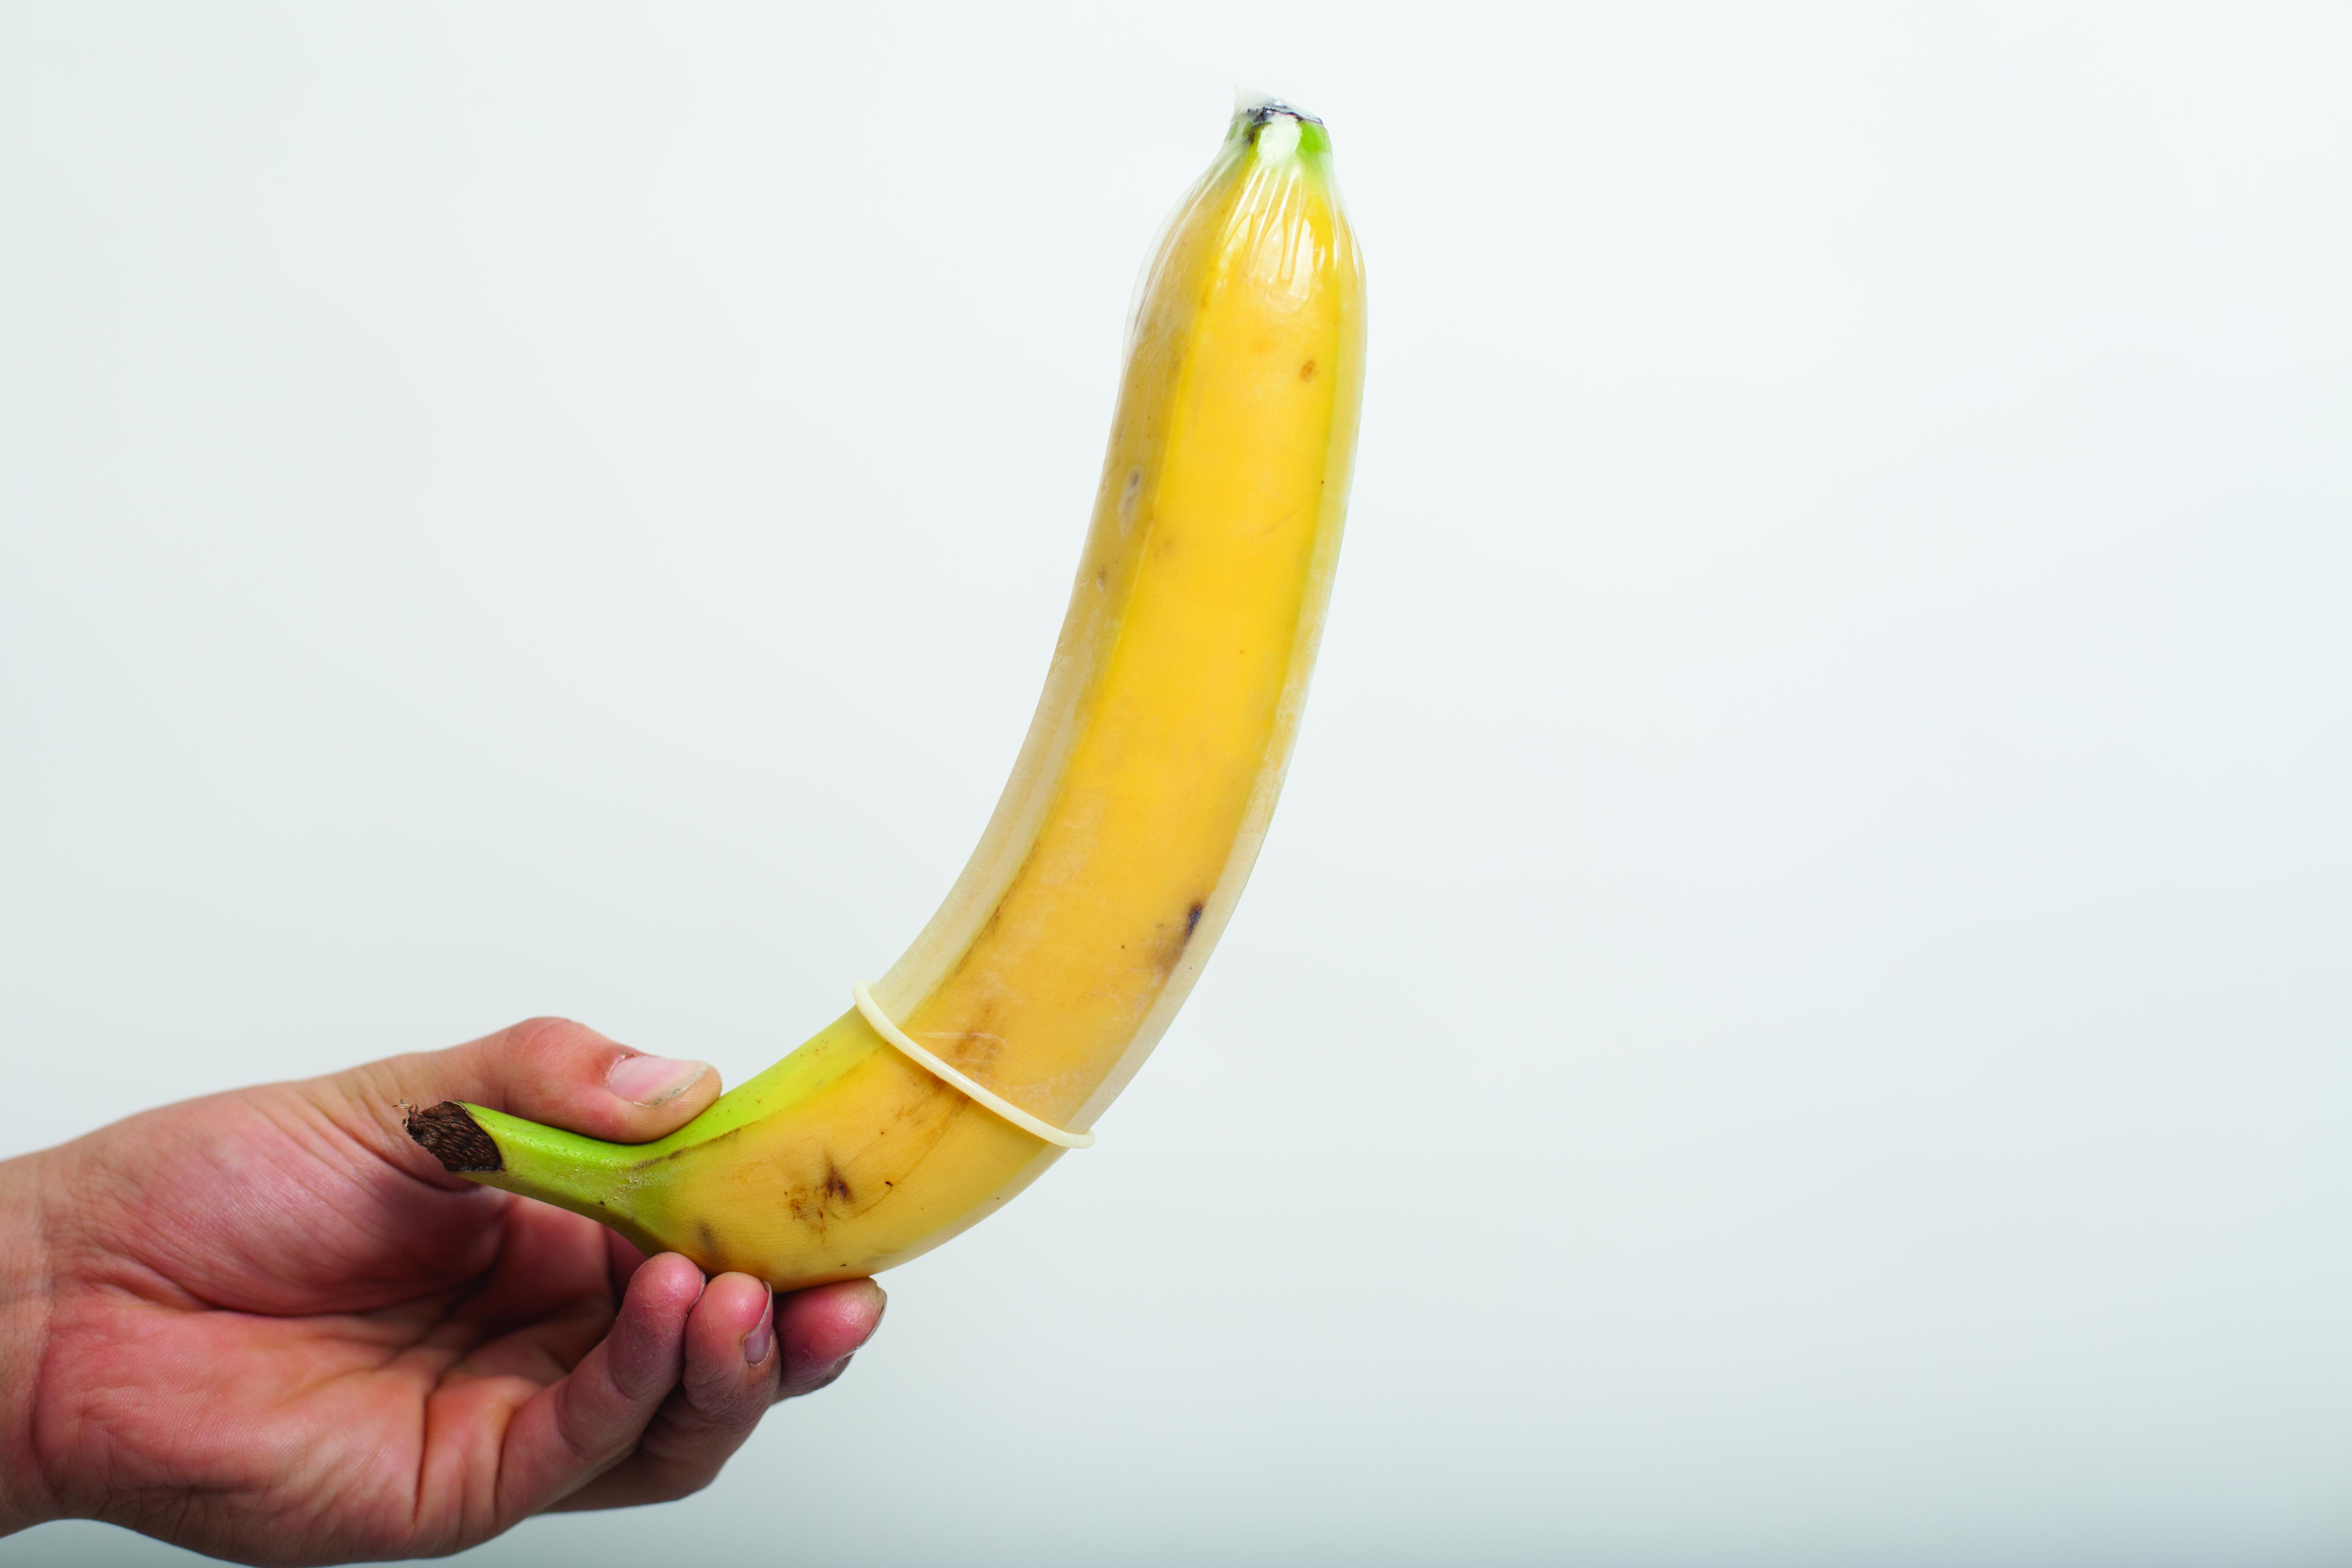 секс фруктами